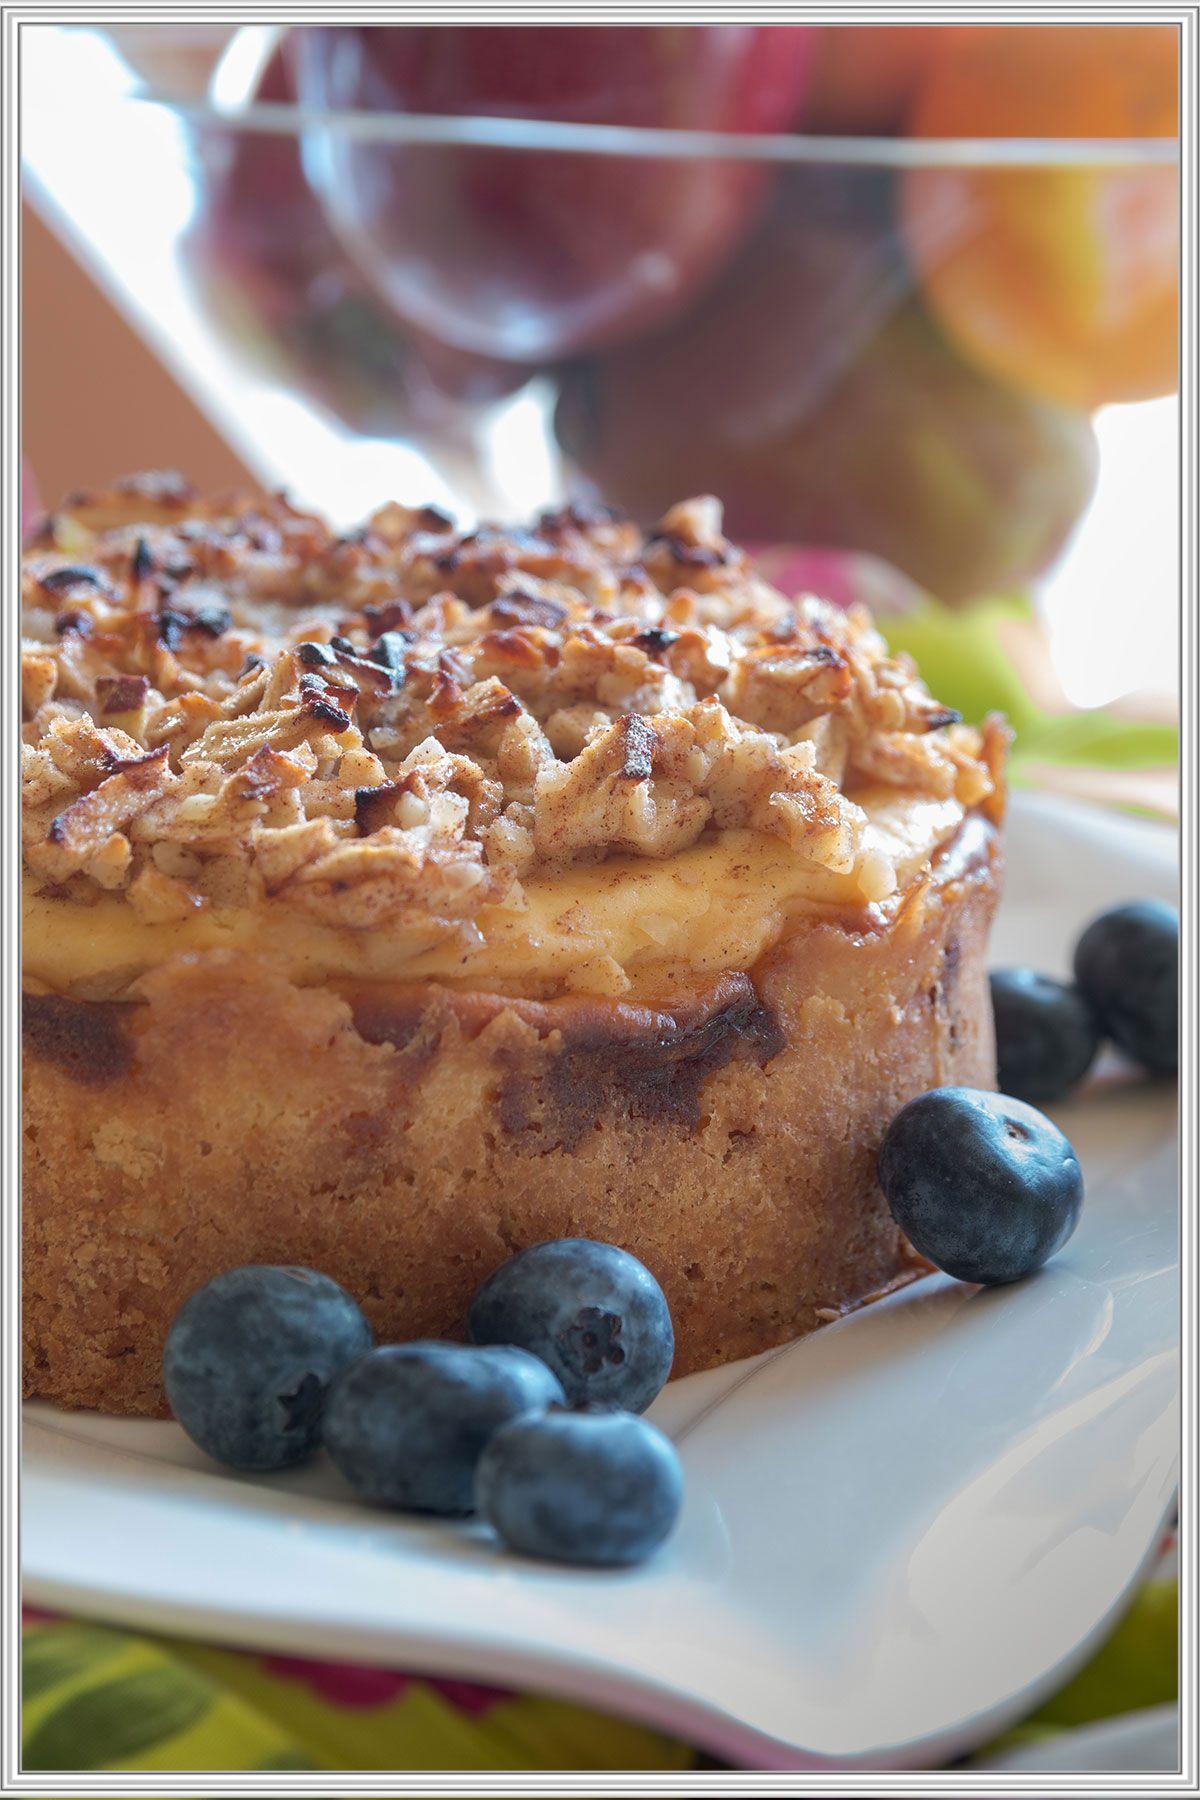 Kleiner Apfel Kase Traum Kleine Kuchen Backen Kleine Kuchen Rezepte Rezepte